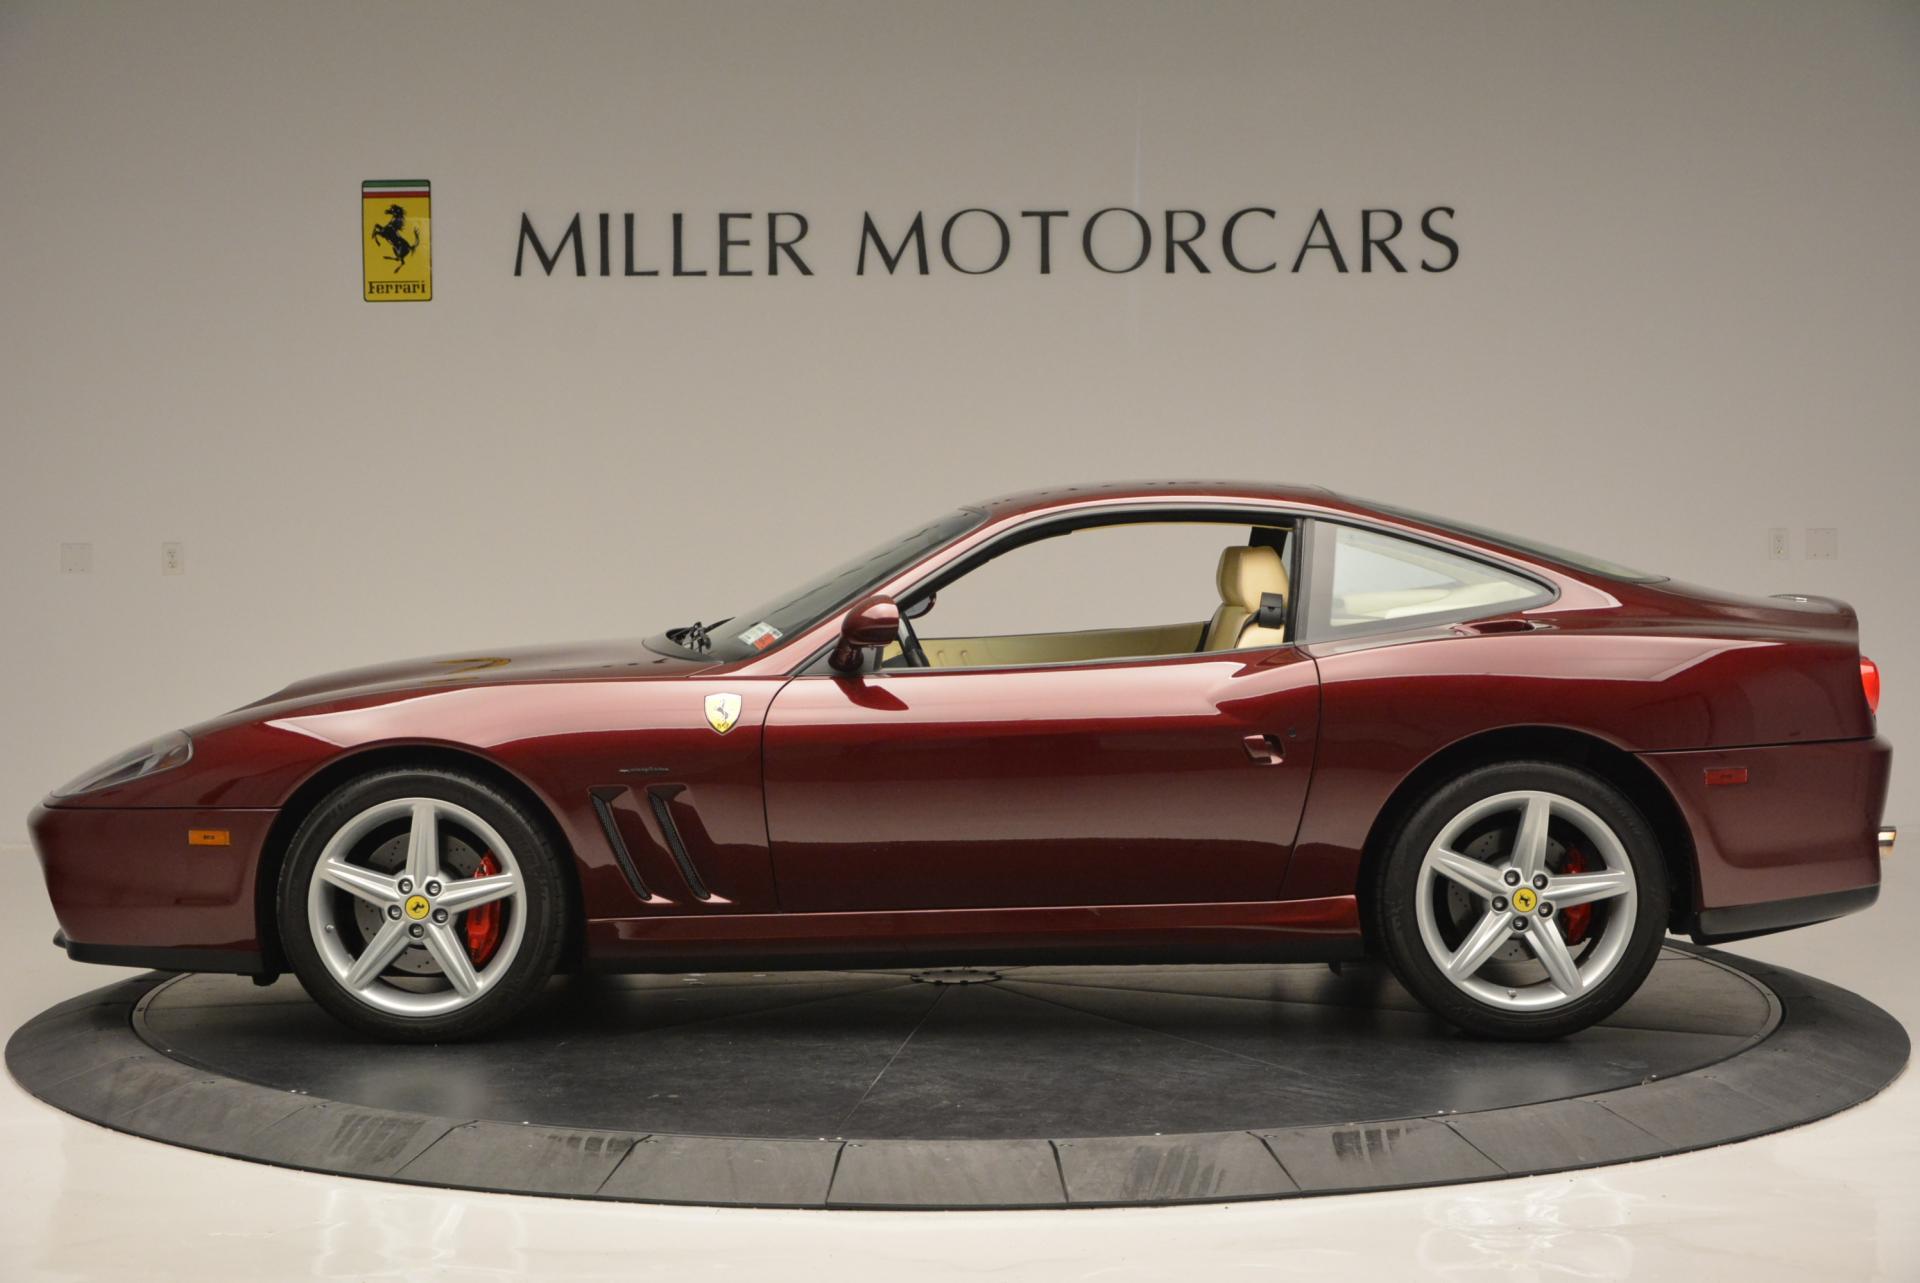 Used 2003 Ferrari 575M Maranello 6-Speed Manual For Sale In Westport, CT 143_p3